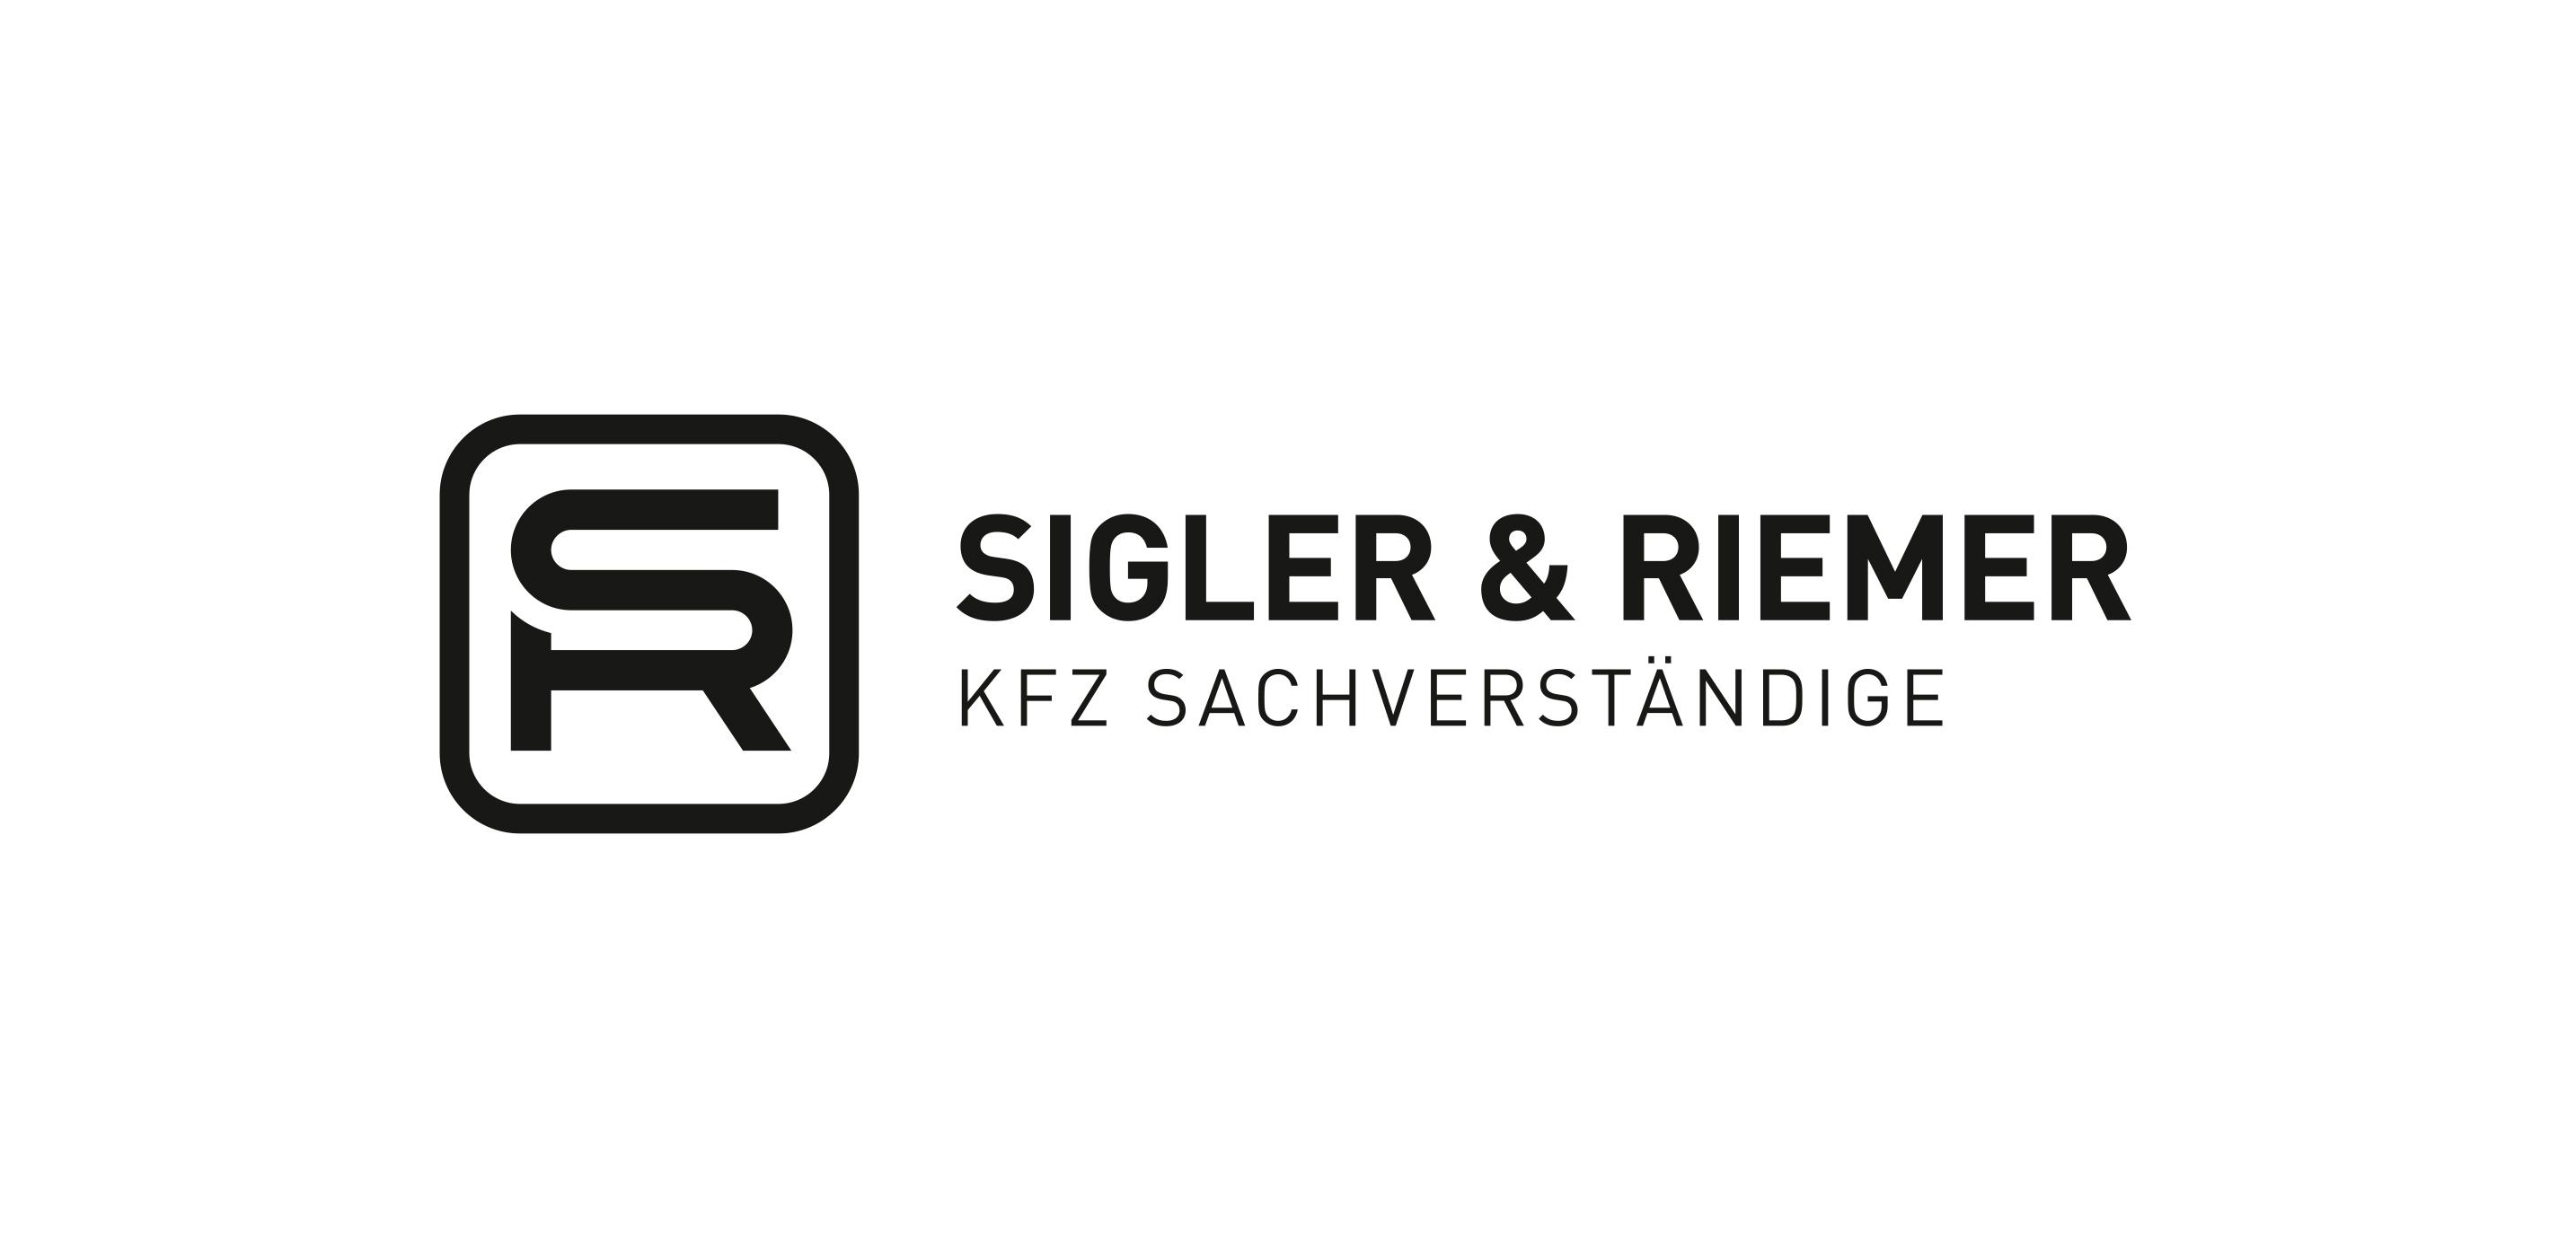 KFZ-Sachverständigenbüro Sigler & Riemer GmbH